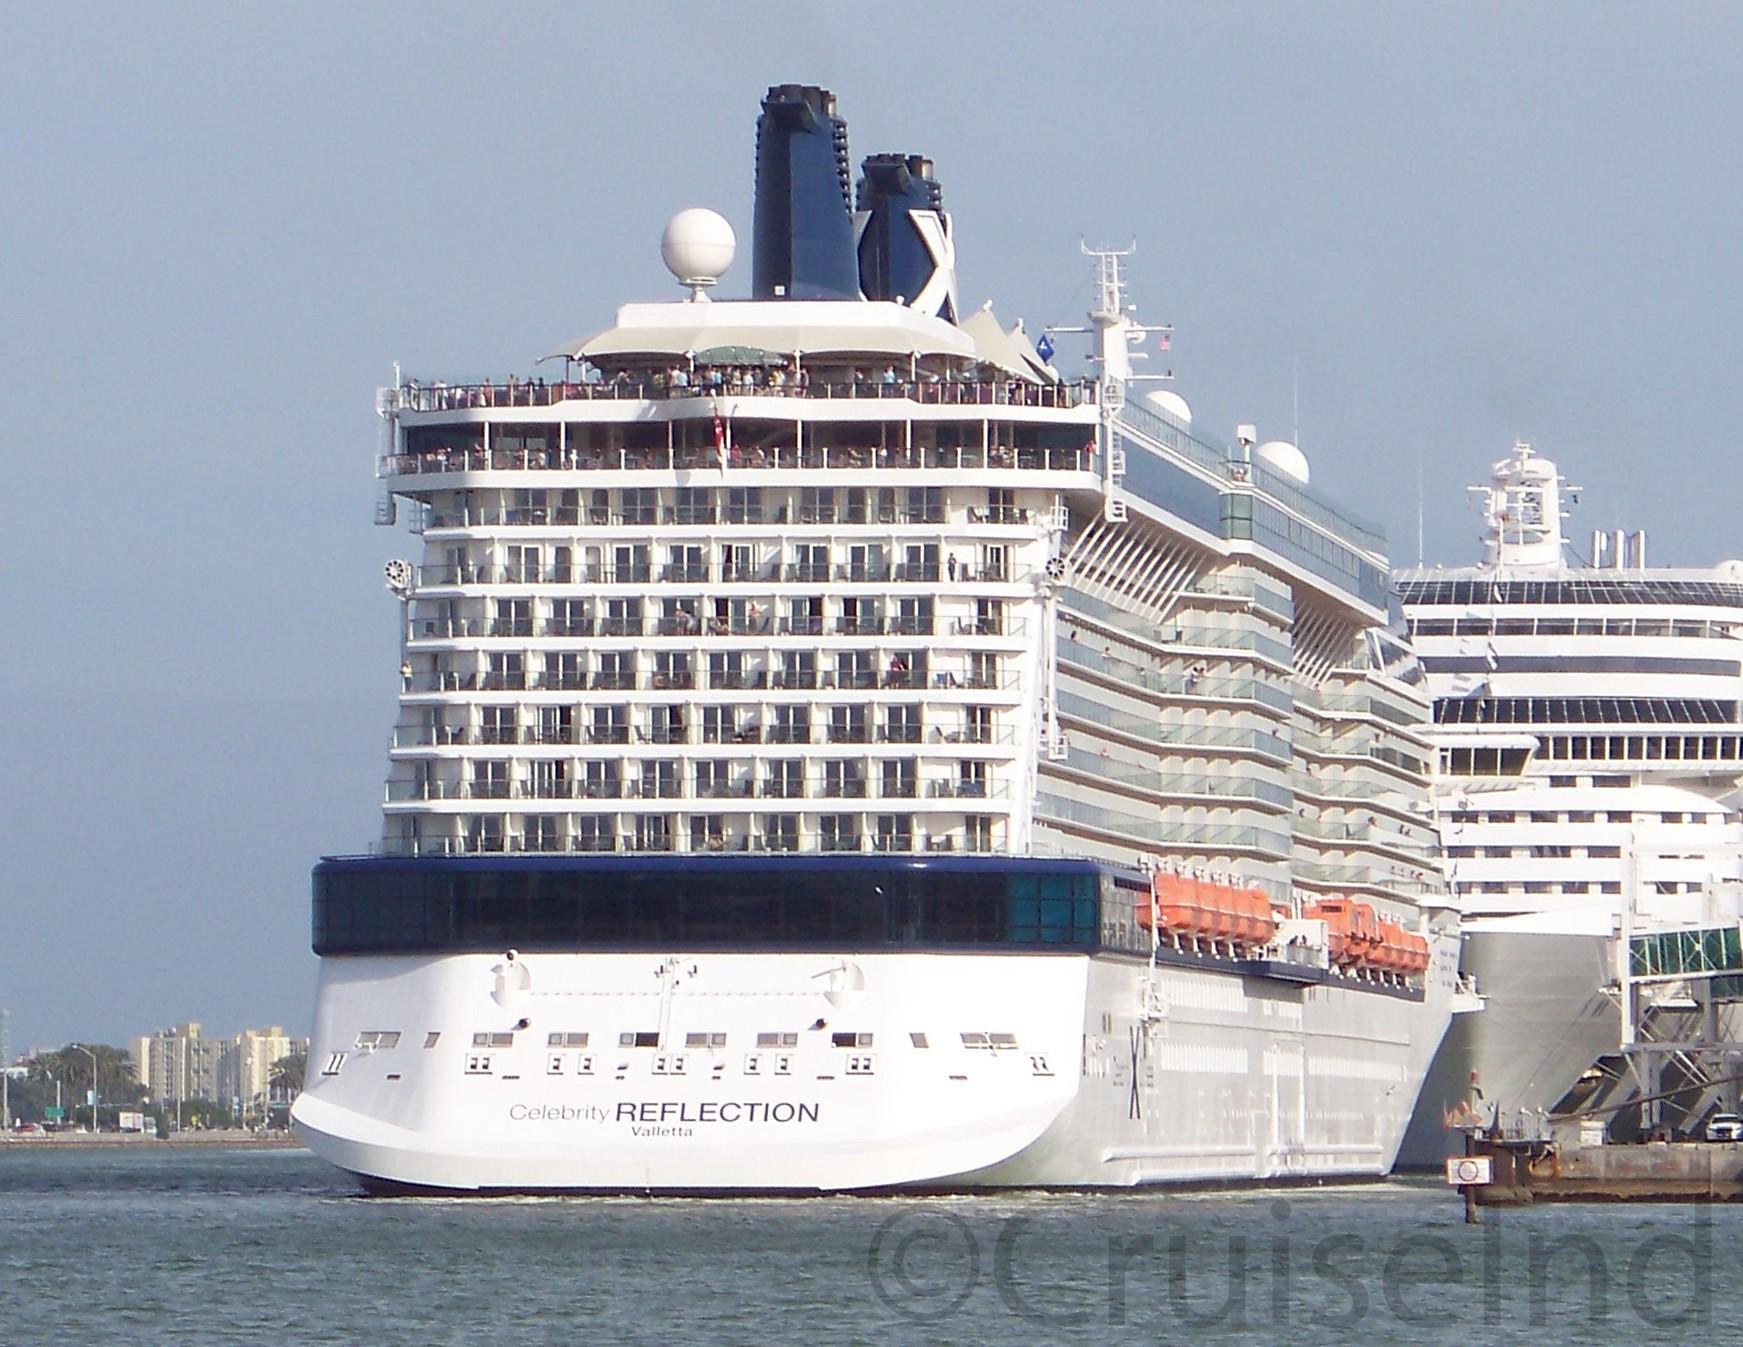 Celebrity Eclipse Deck Plans CruiseInd - Celebrity cruise ship eclipse deck plan